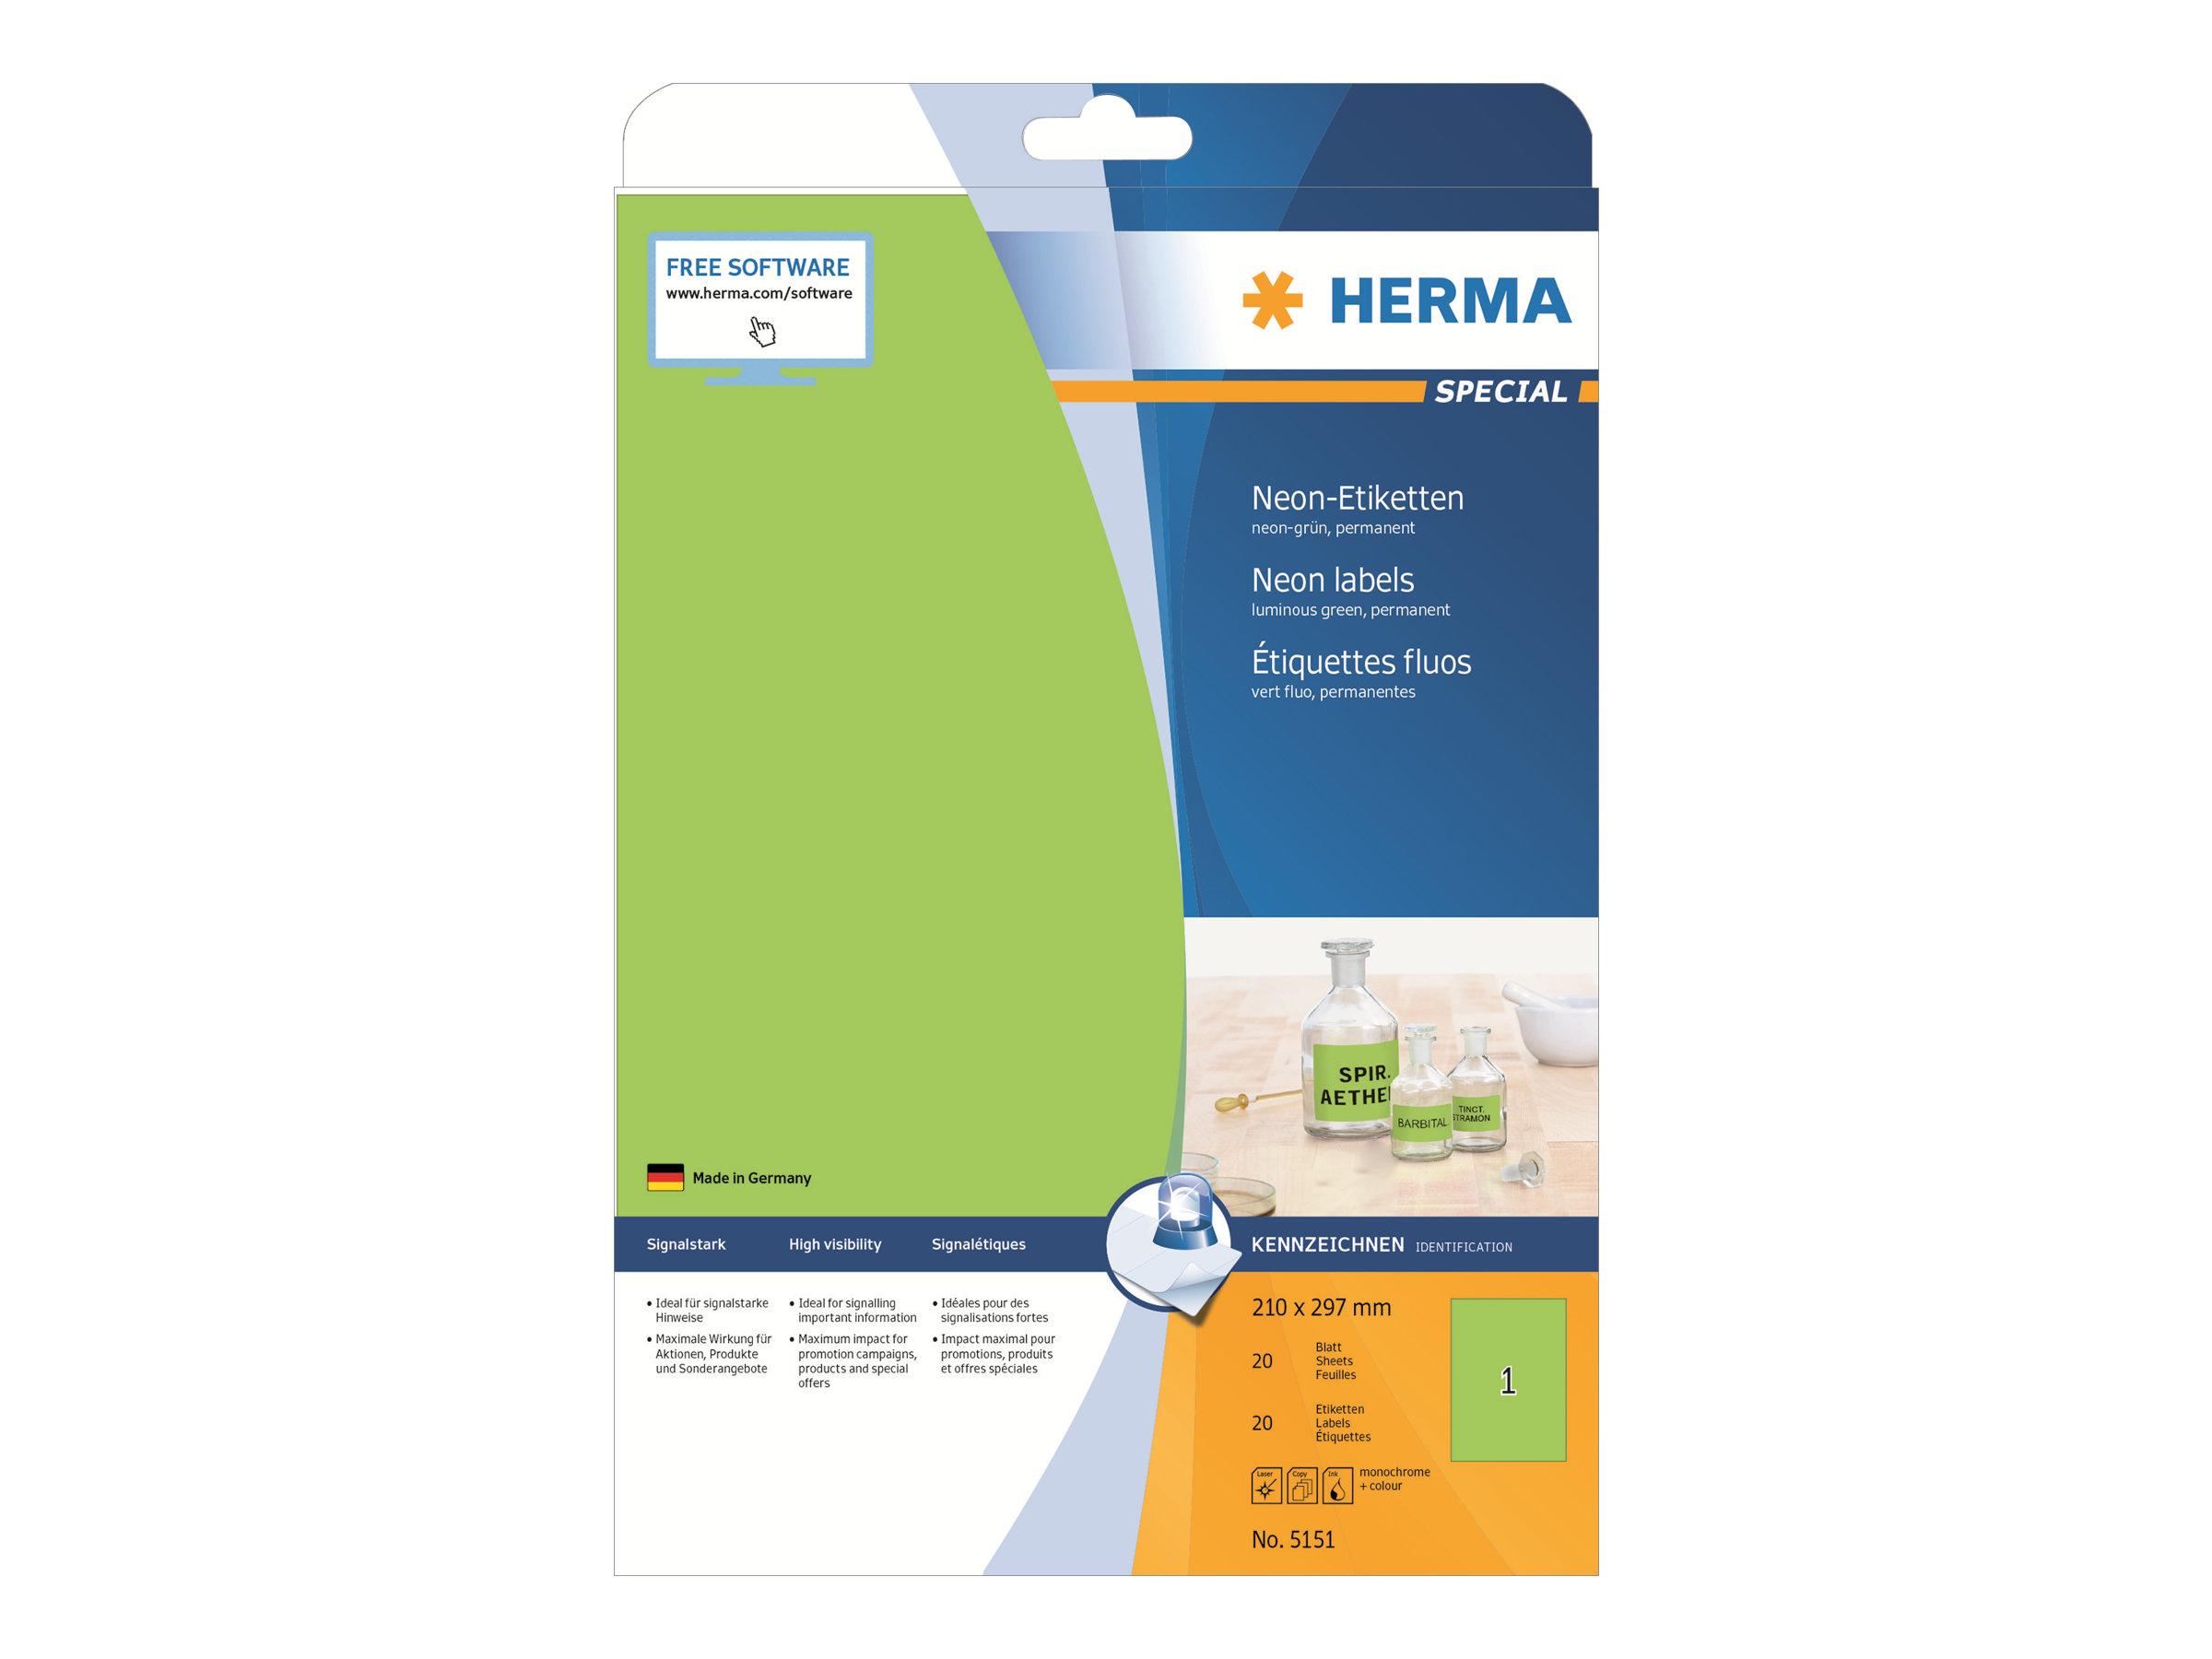 HERMA Special - Papier - matt - permanent selbstklebend - Luminous Green - A4 (210 x 297 mm)